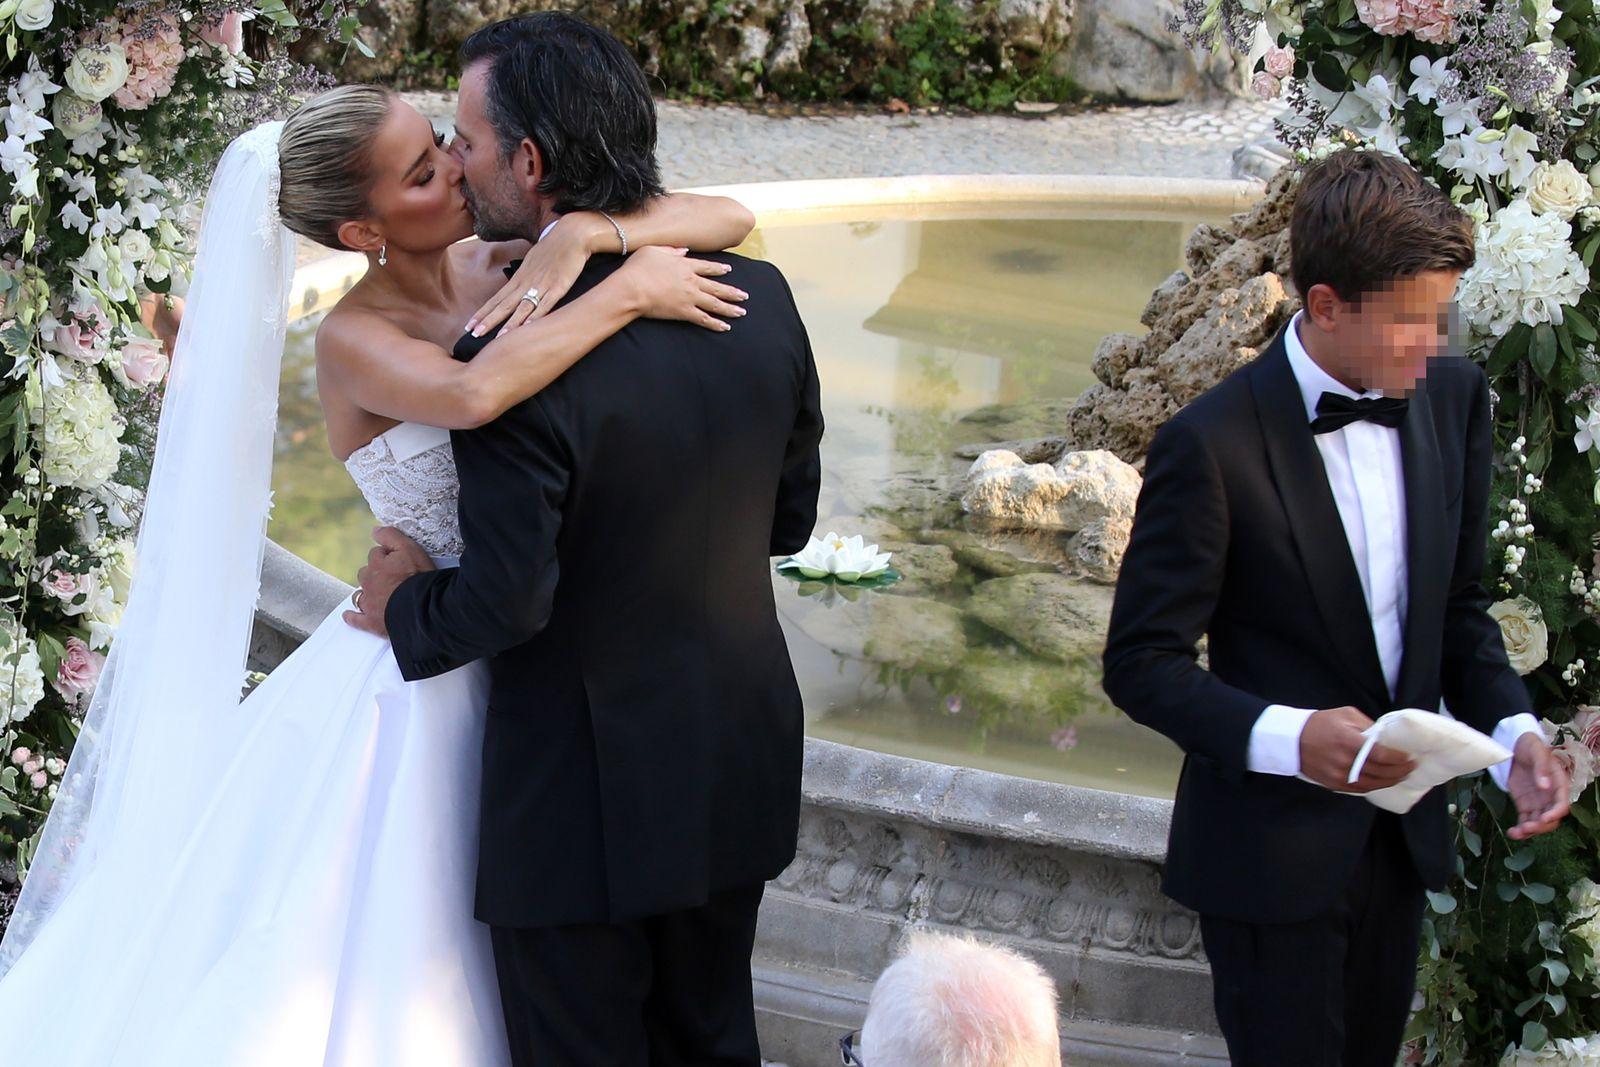 Sylvie Meis und Niclas Castello haben geheiratet - DER SPIEGEL